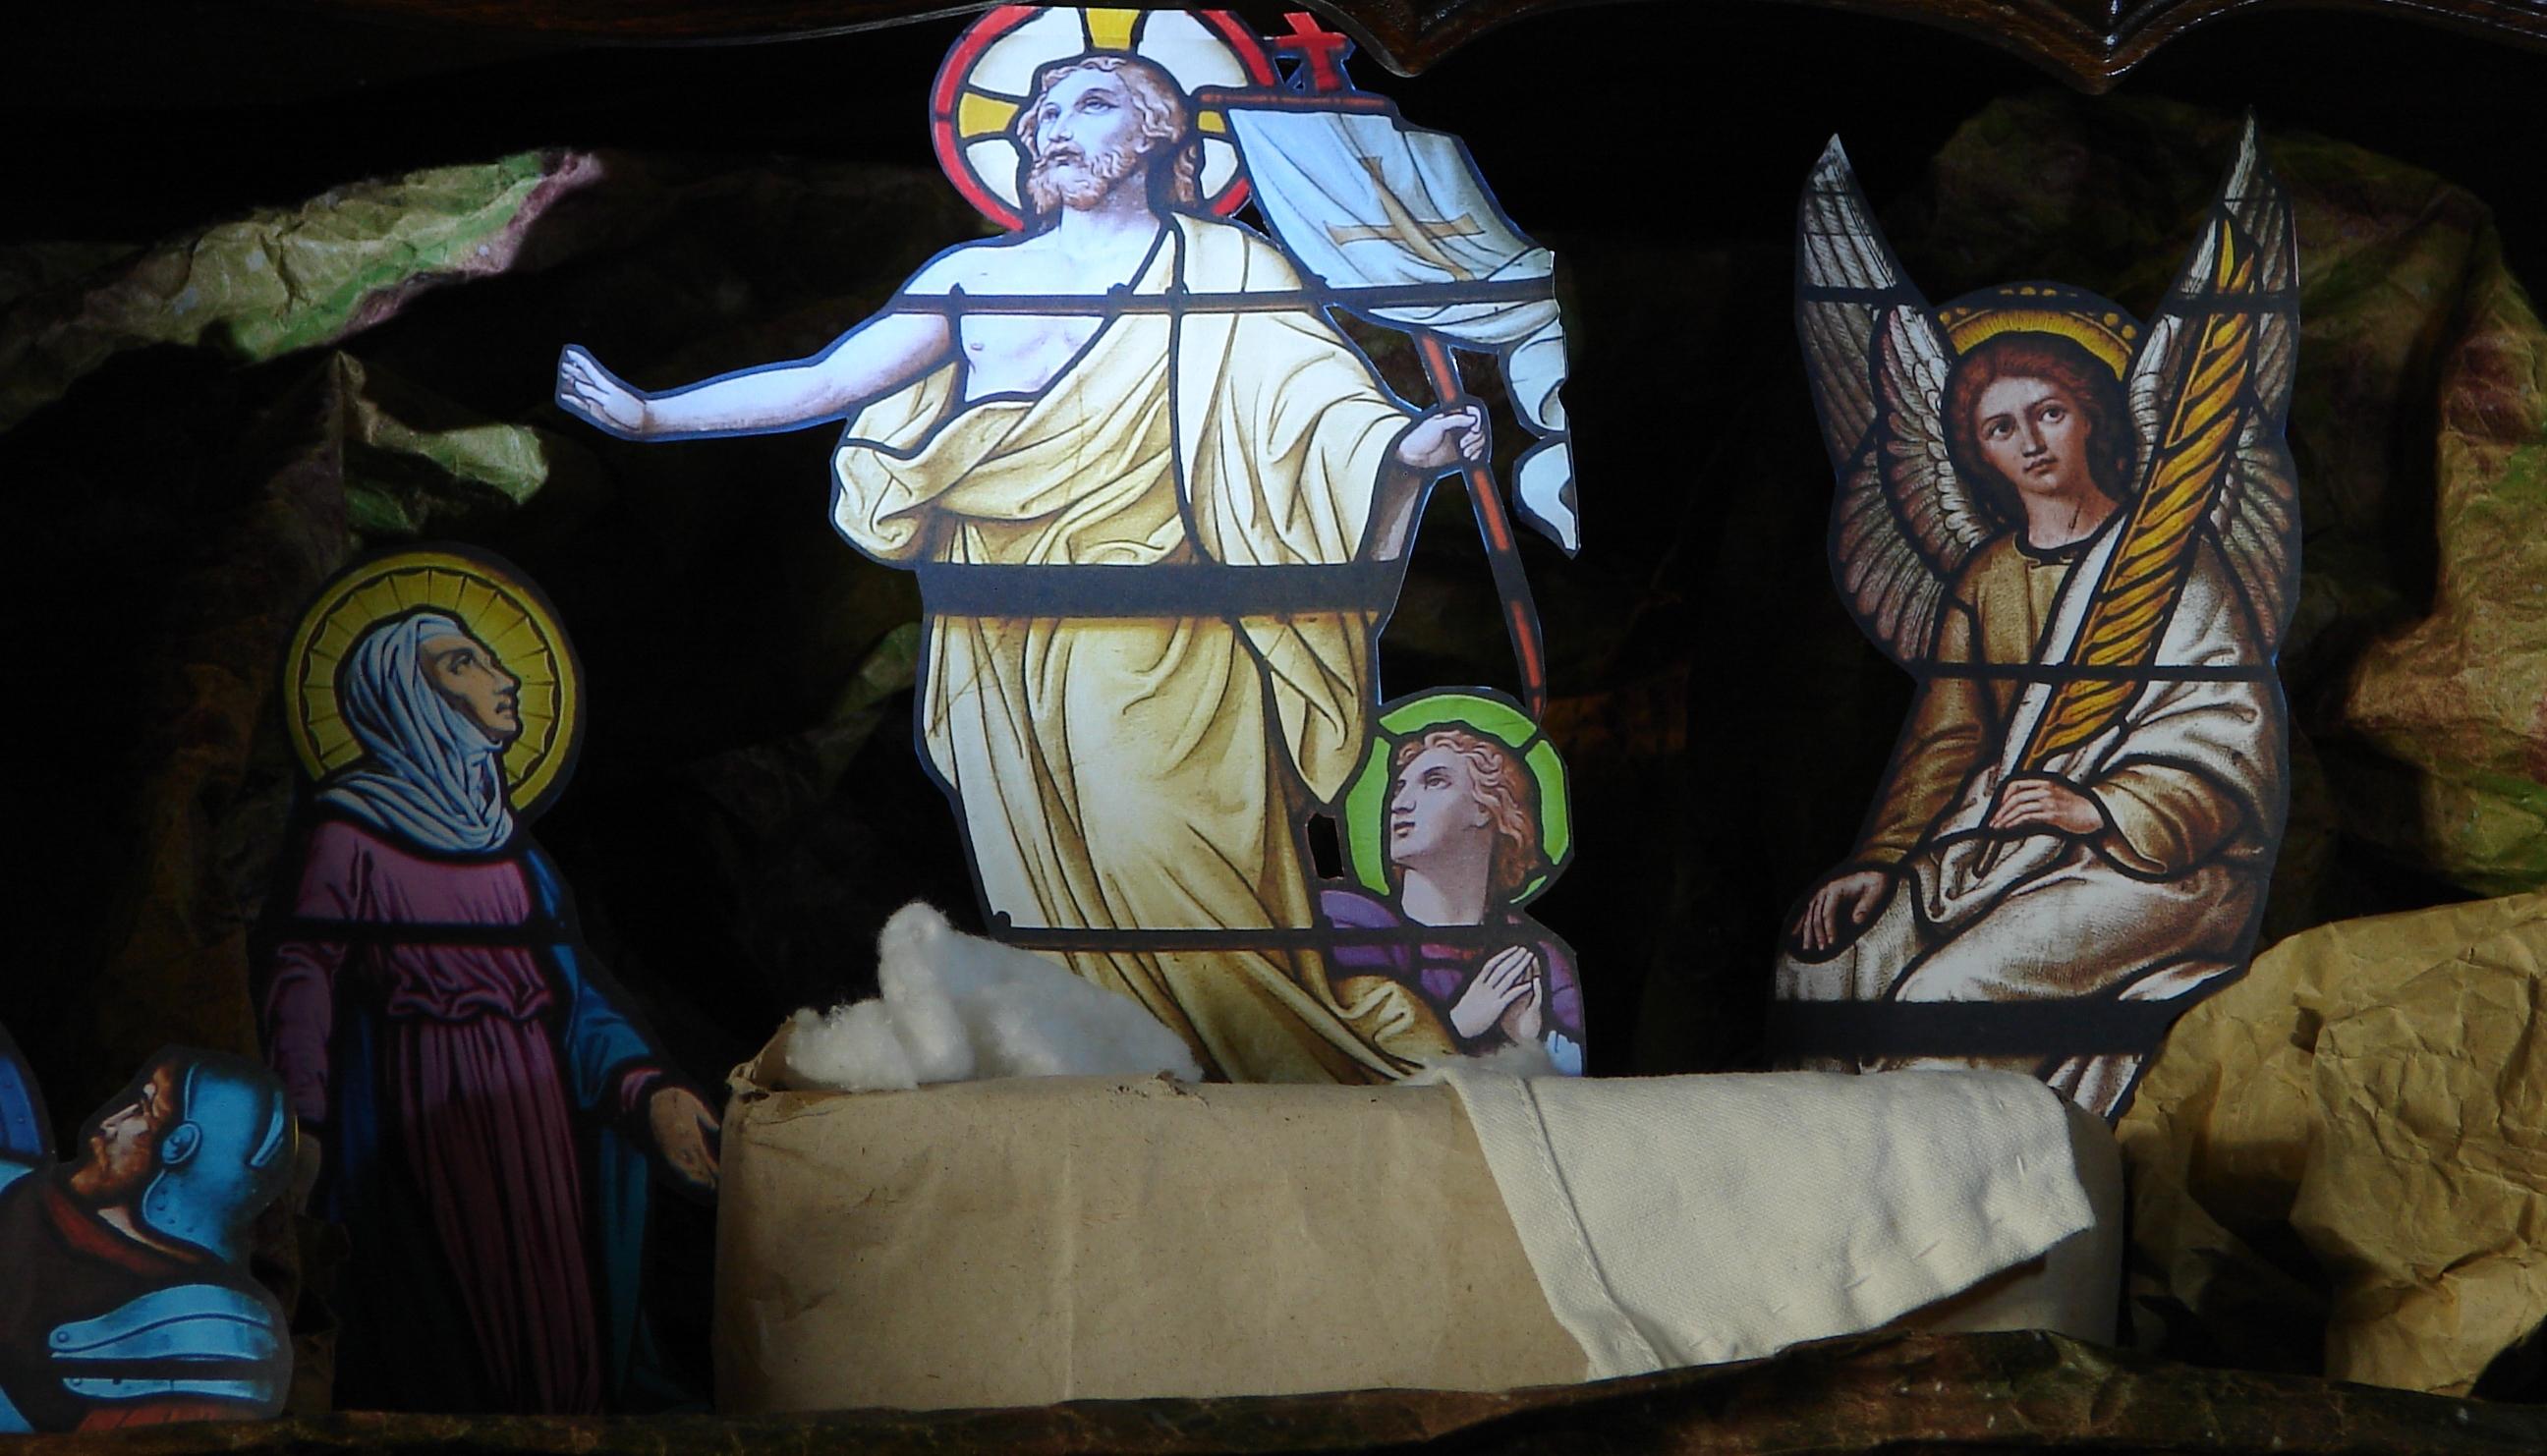 CALENDRIER CATHOLIQUE 2020 (Cantiques, Prières & Images) - Page 11 La-r-surrection-monument--5745071